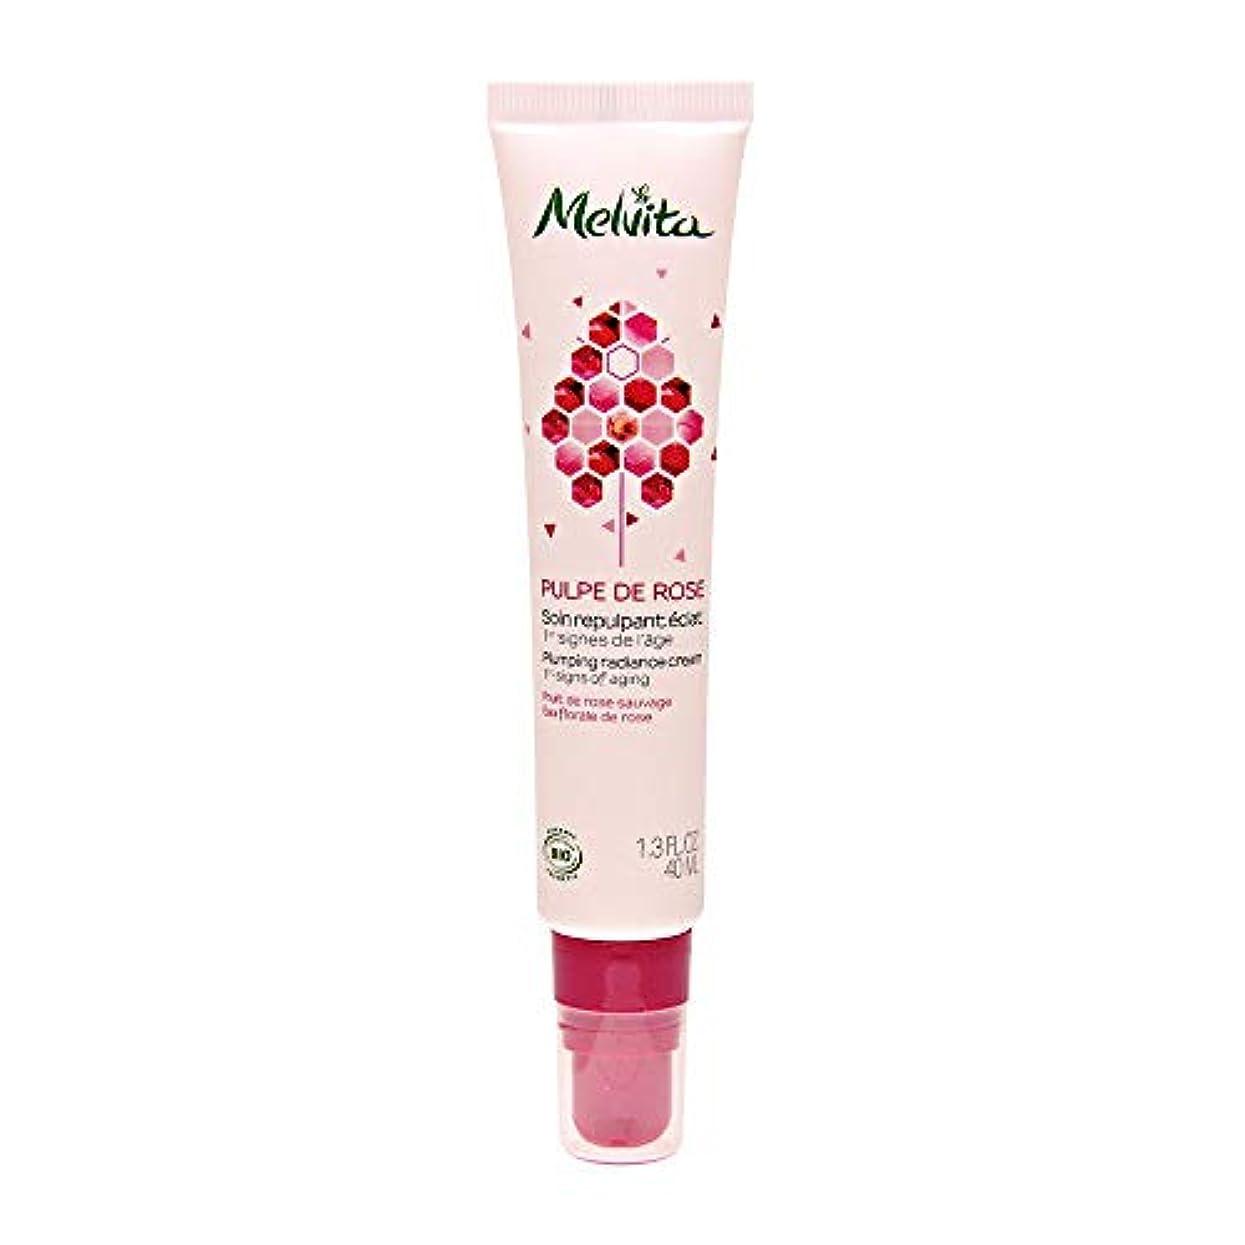 評価可能環境に優しい浸漬メルヴィータ MELVITA パルプデローズ クリーム 40ml [並行輸入品]